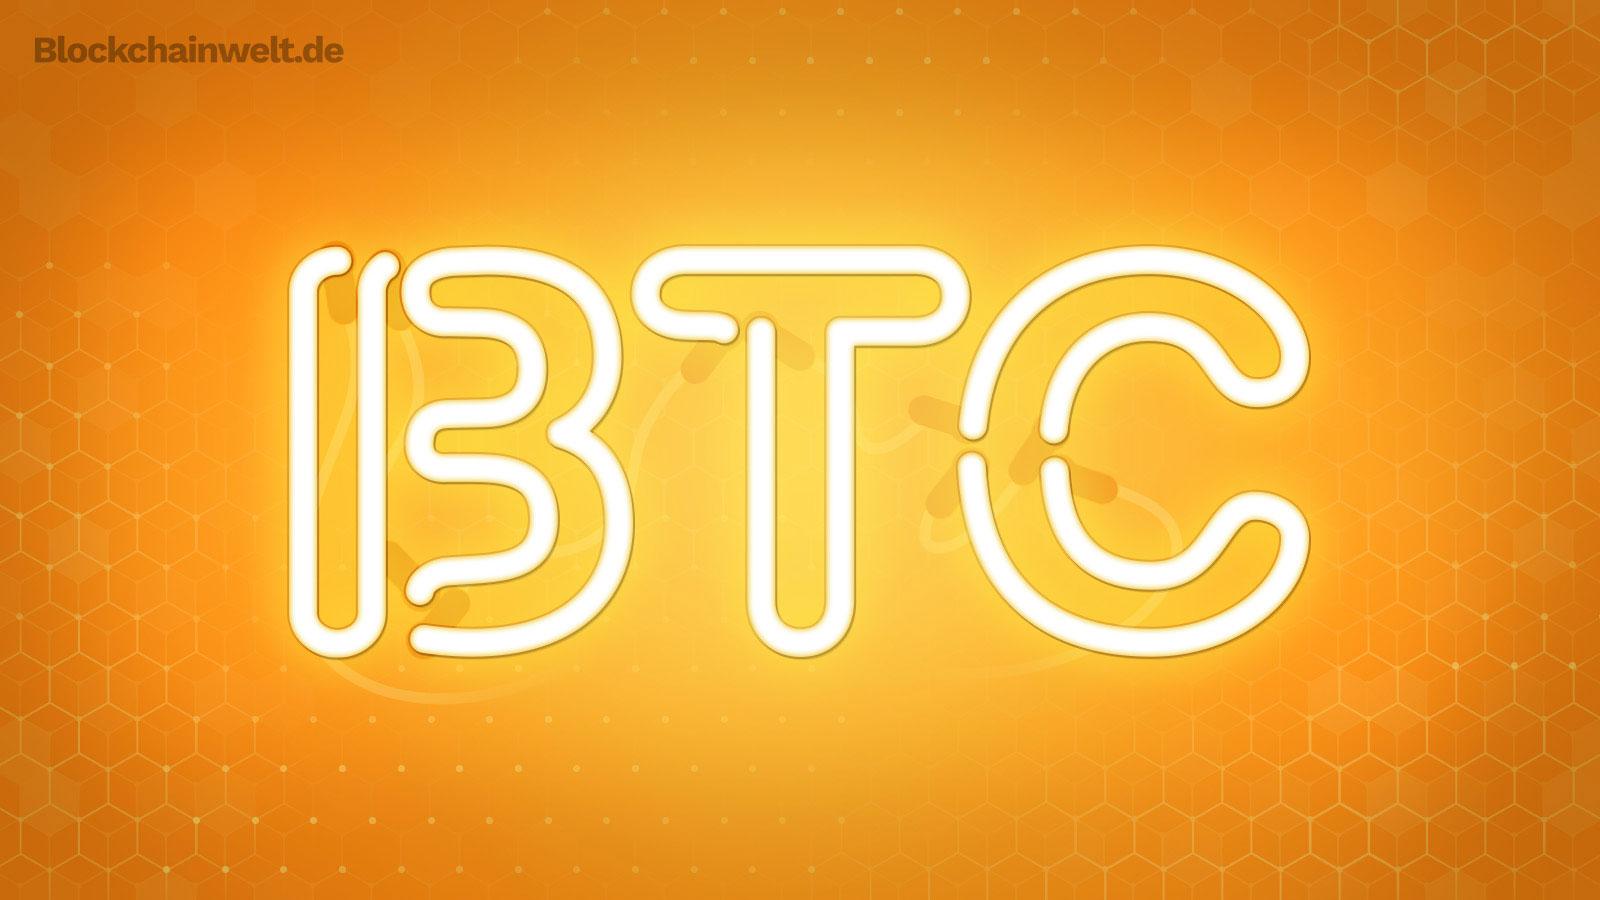 automatisiertes aktienhandelsprogramm diebstahl bitcoin-händler funktioniert